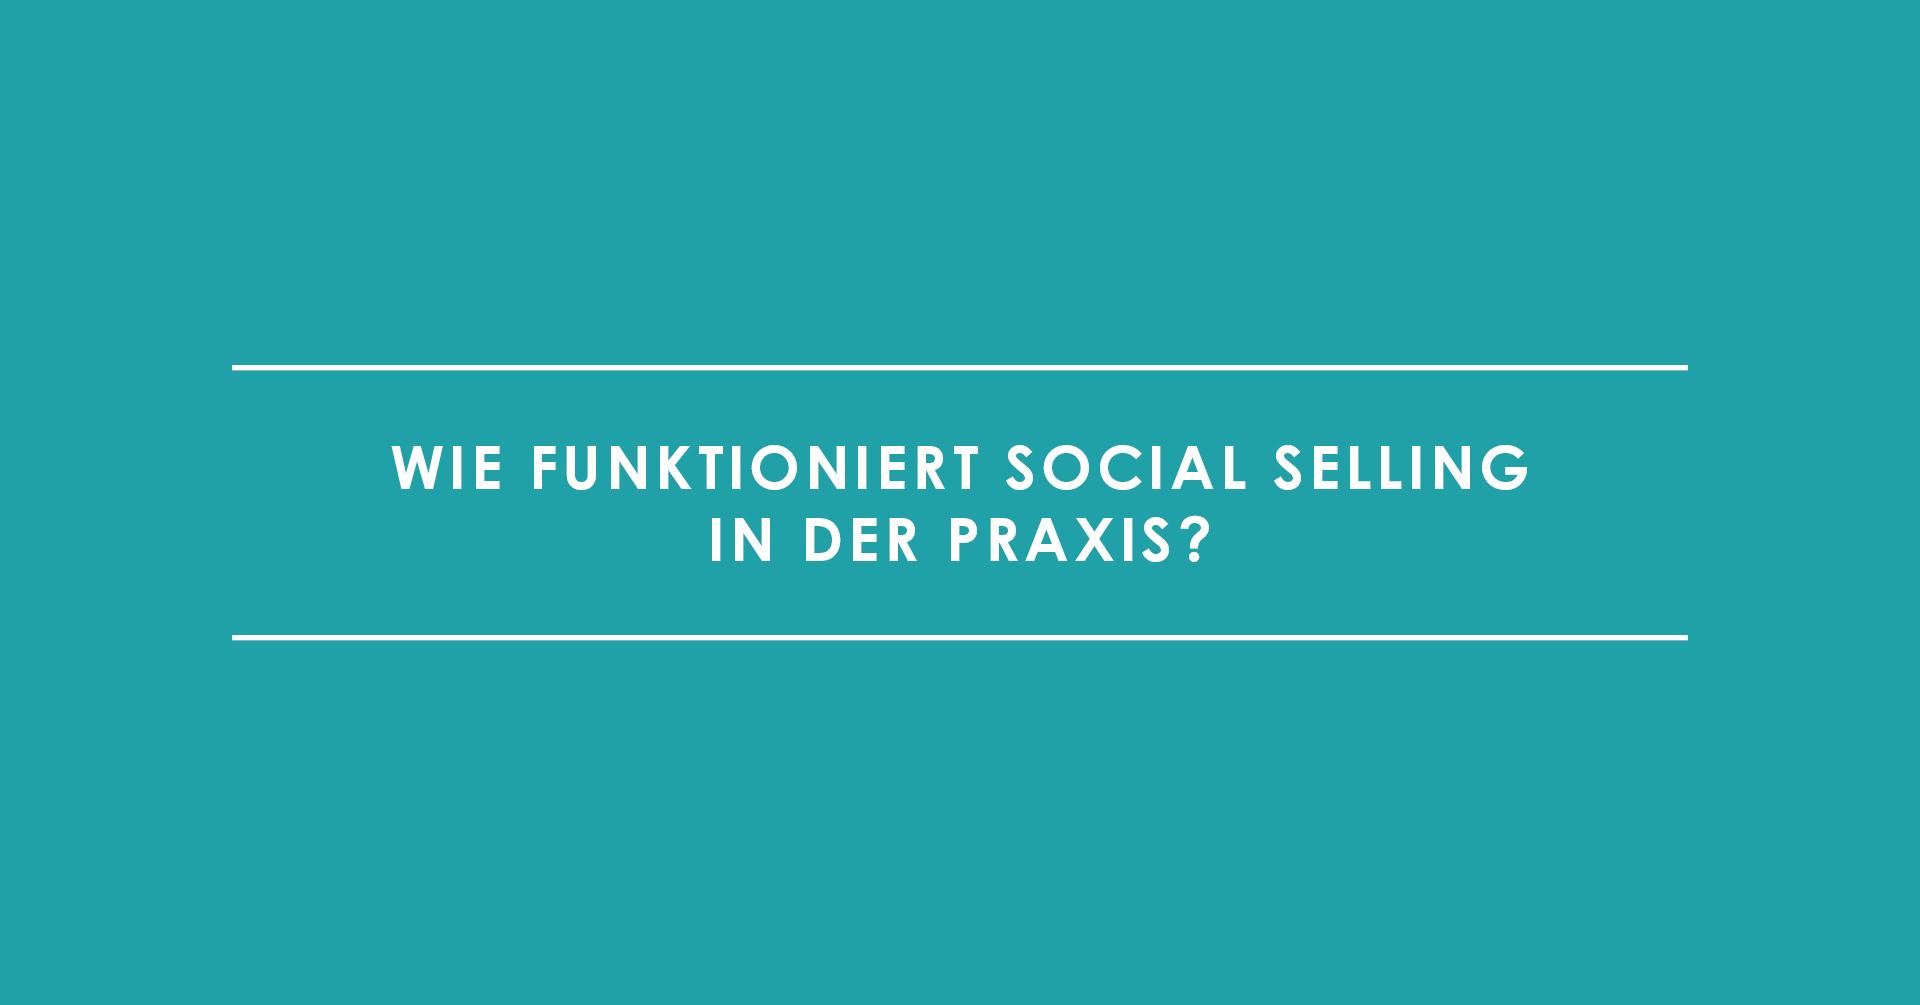 TRIALTA Social Selling in der Praxis